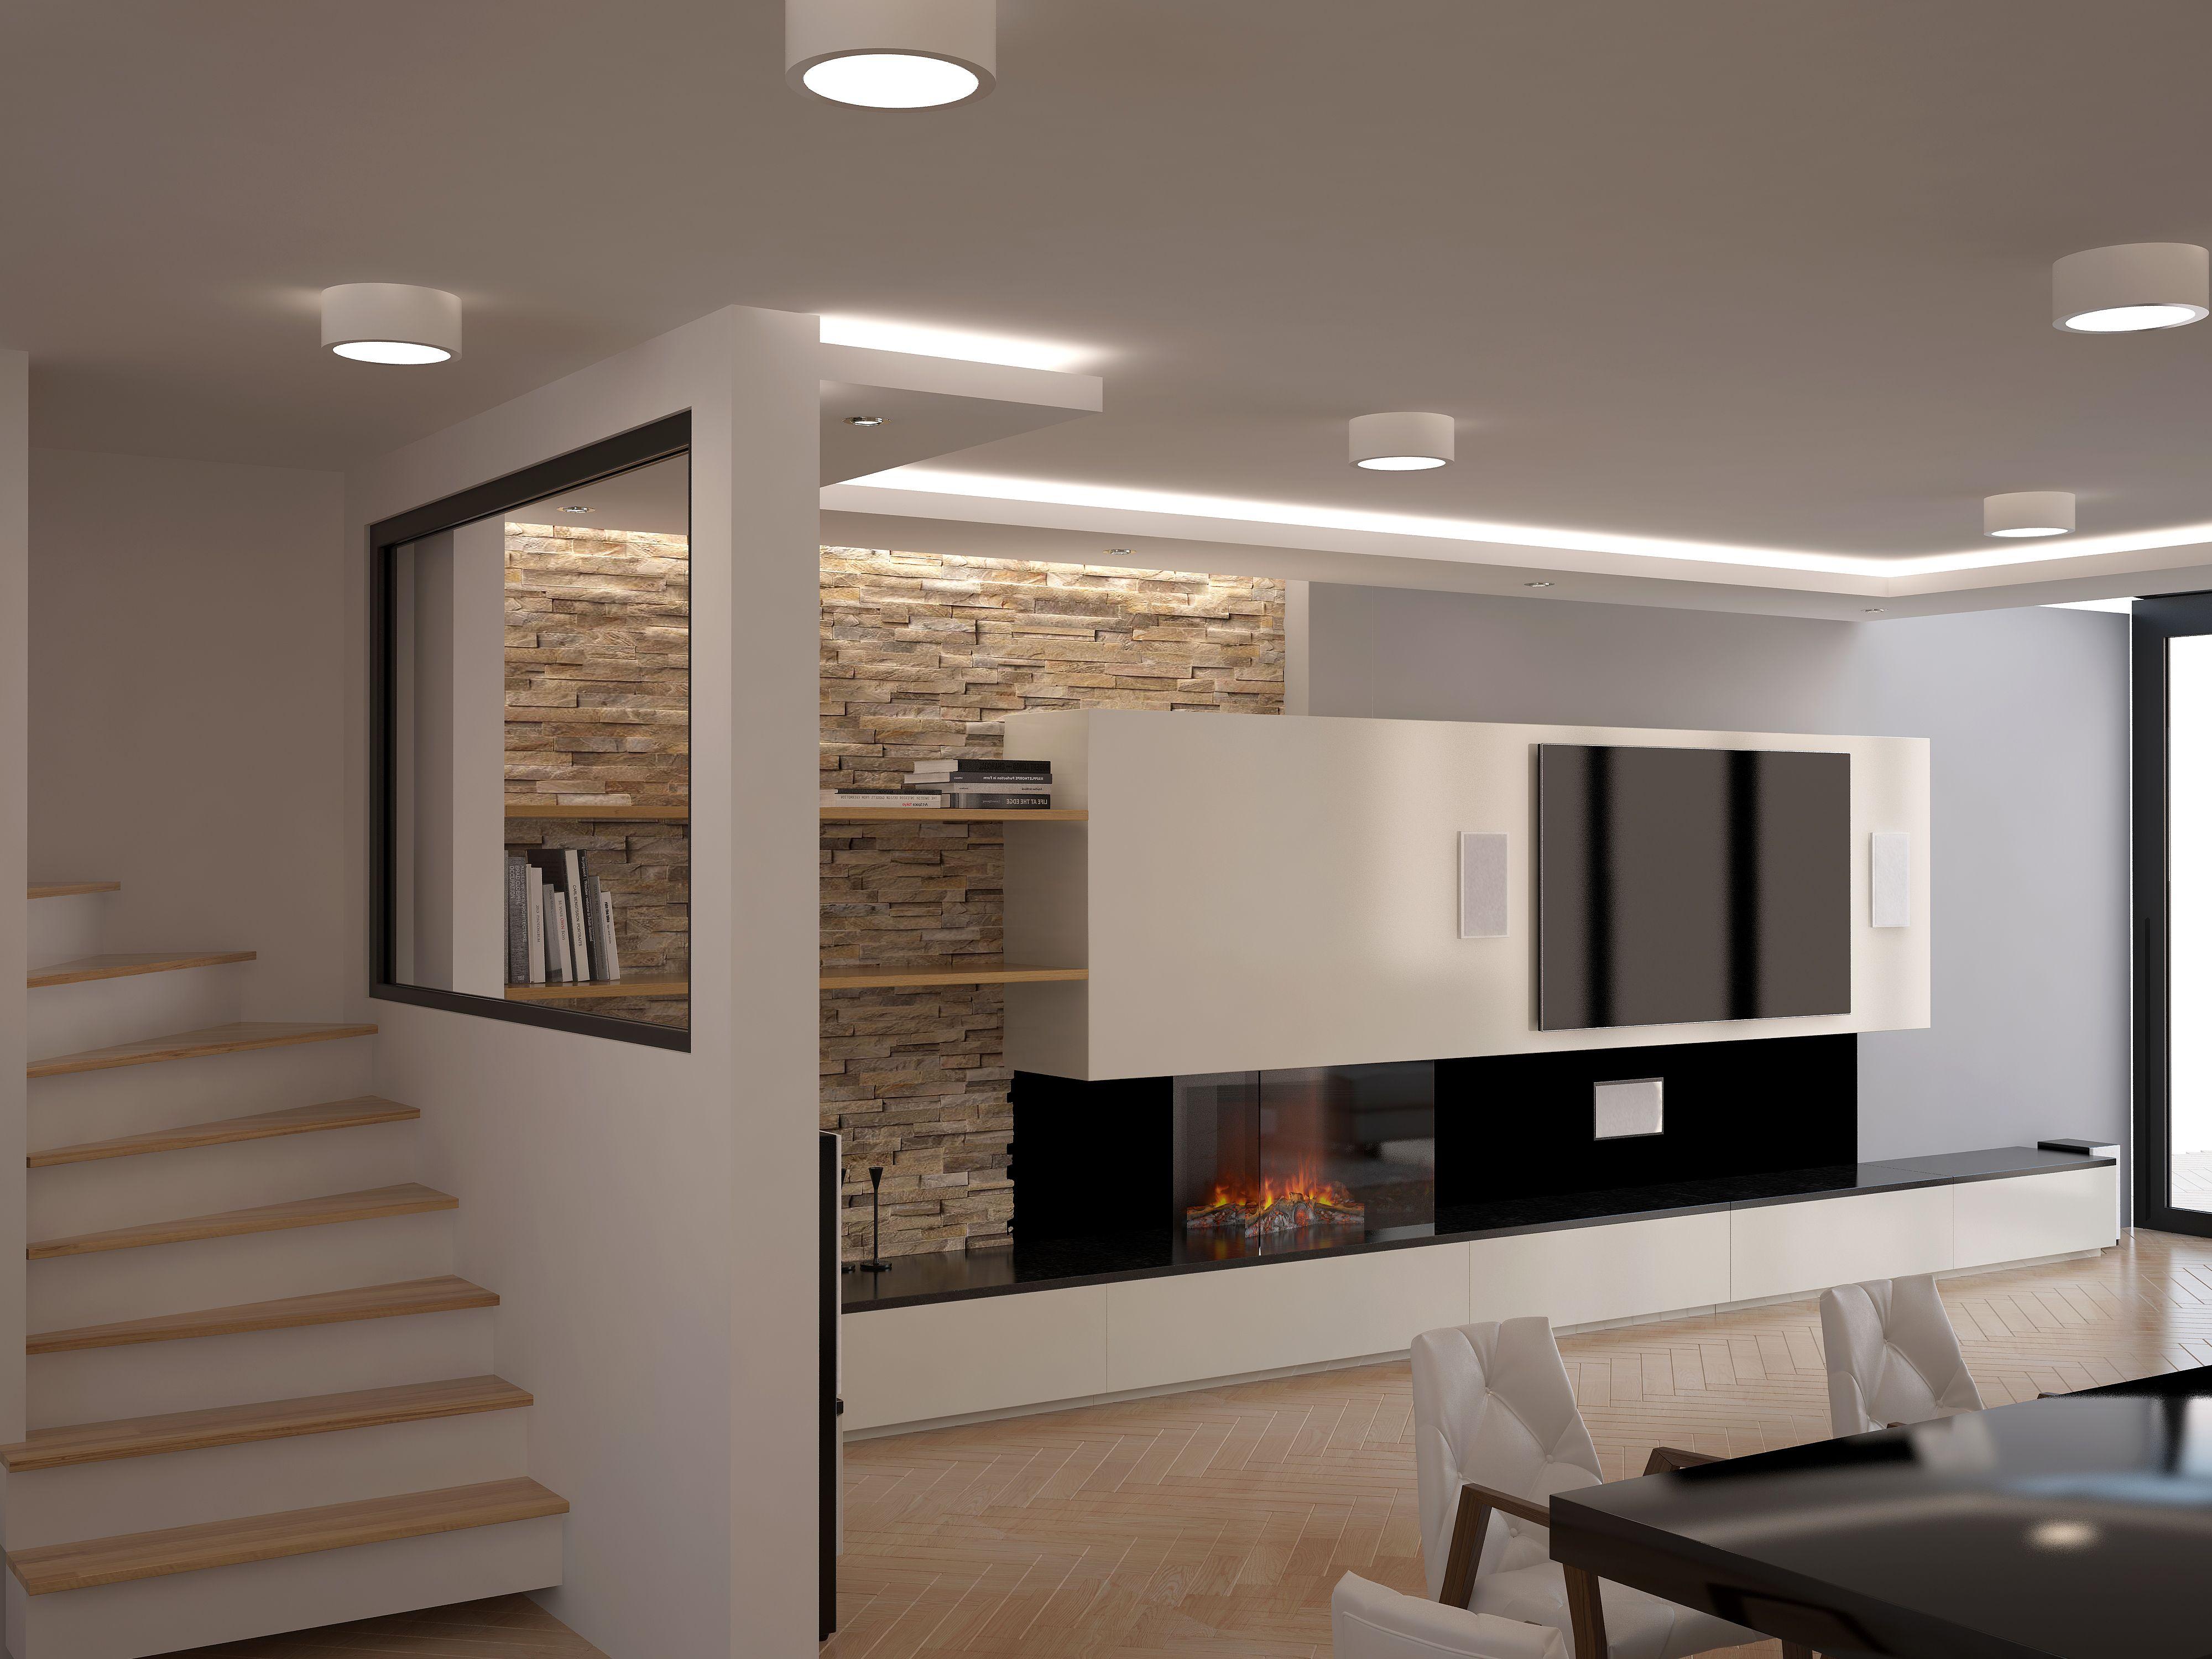 Proyectos de iluminación para particulares